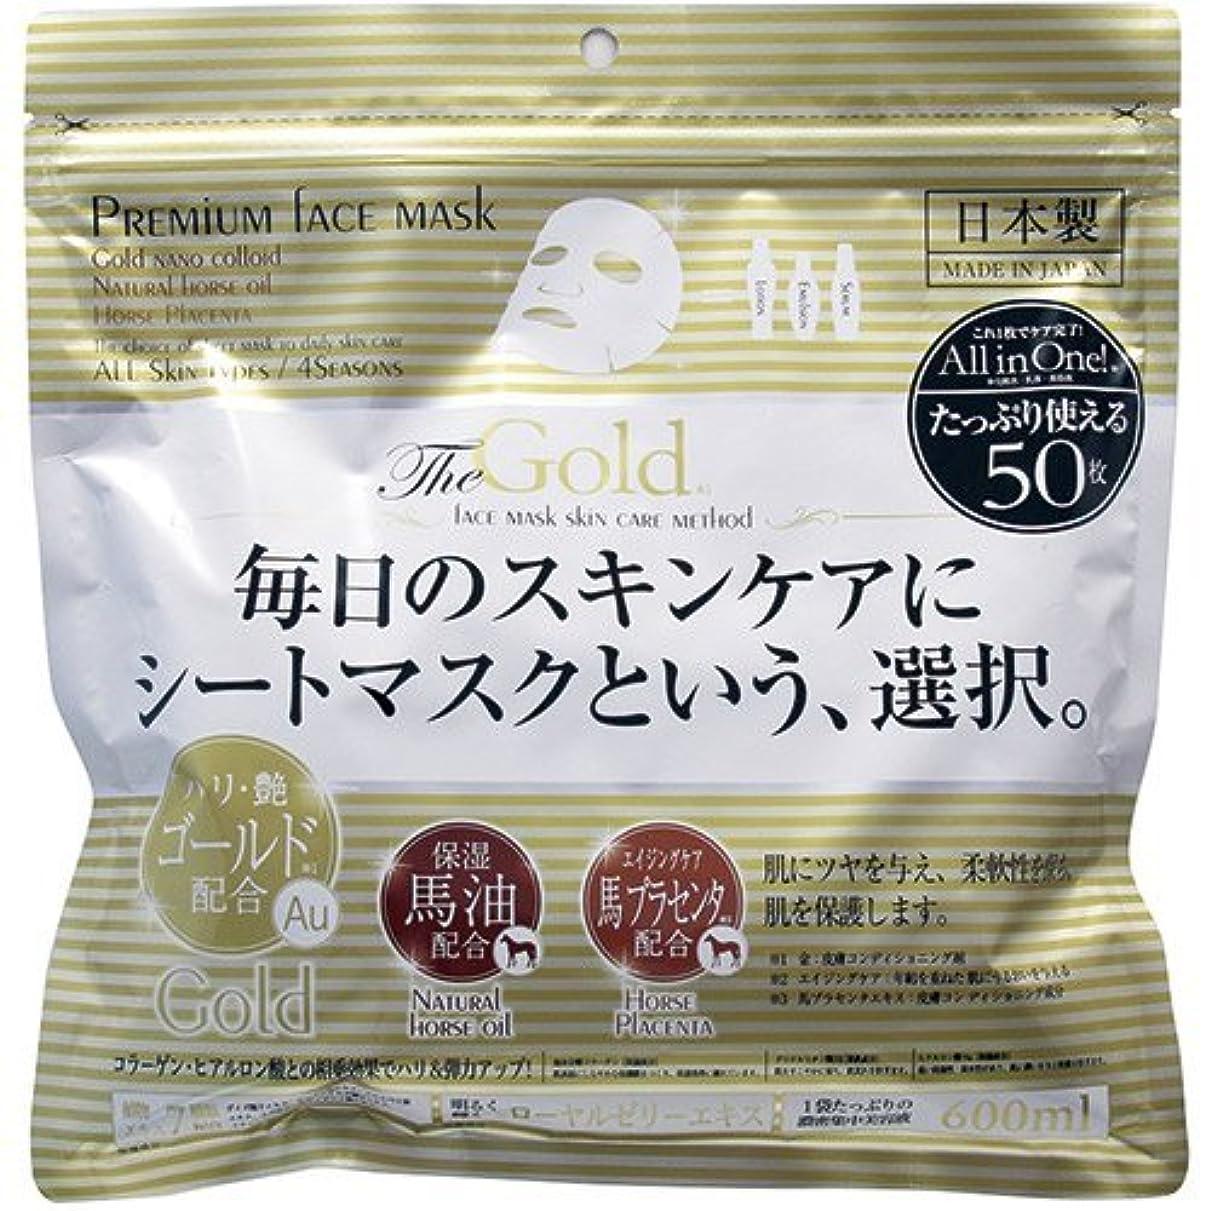 不正統計小川【進製作所】プレミアムフェイスマスク ゴールド 50枚 ×5個セット